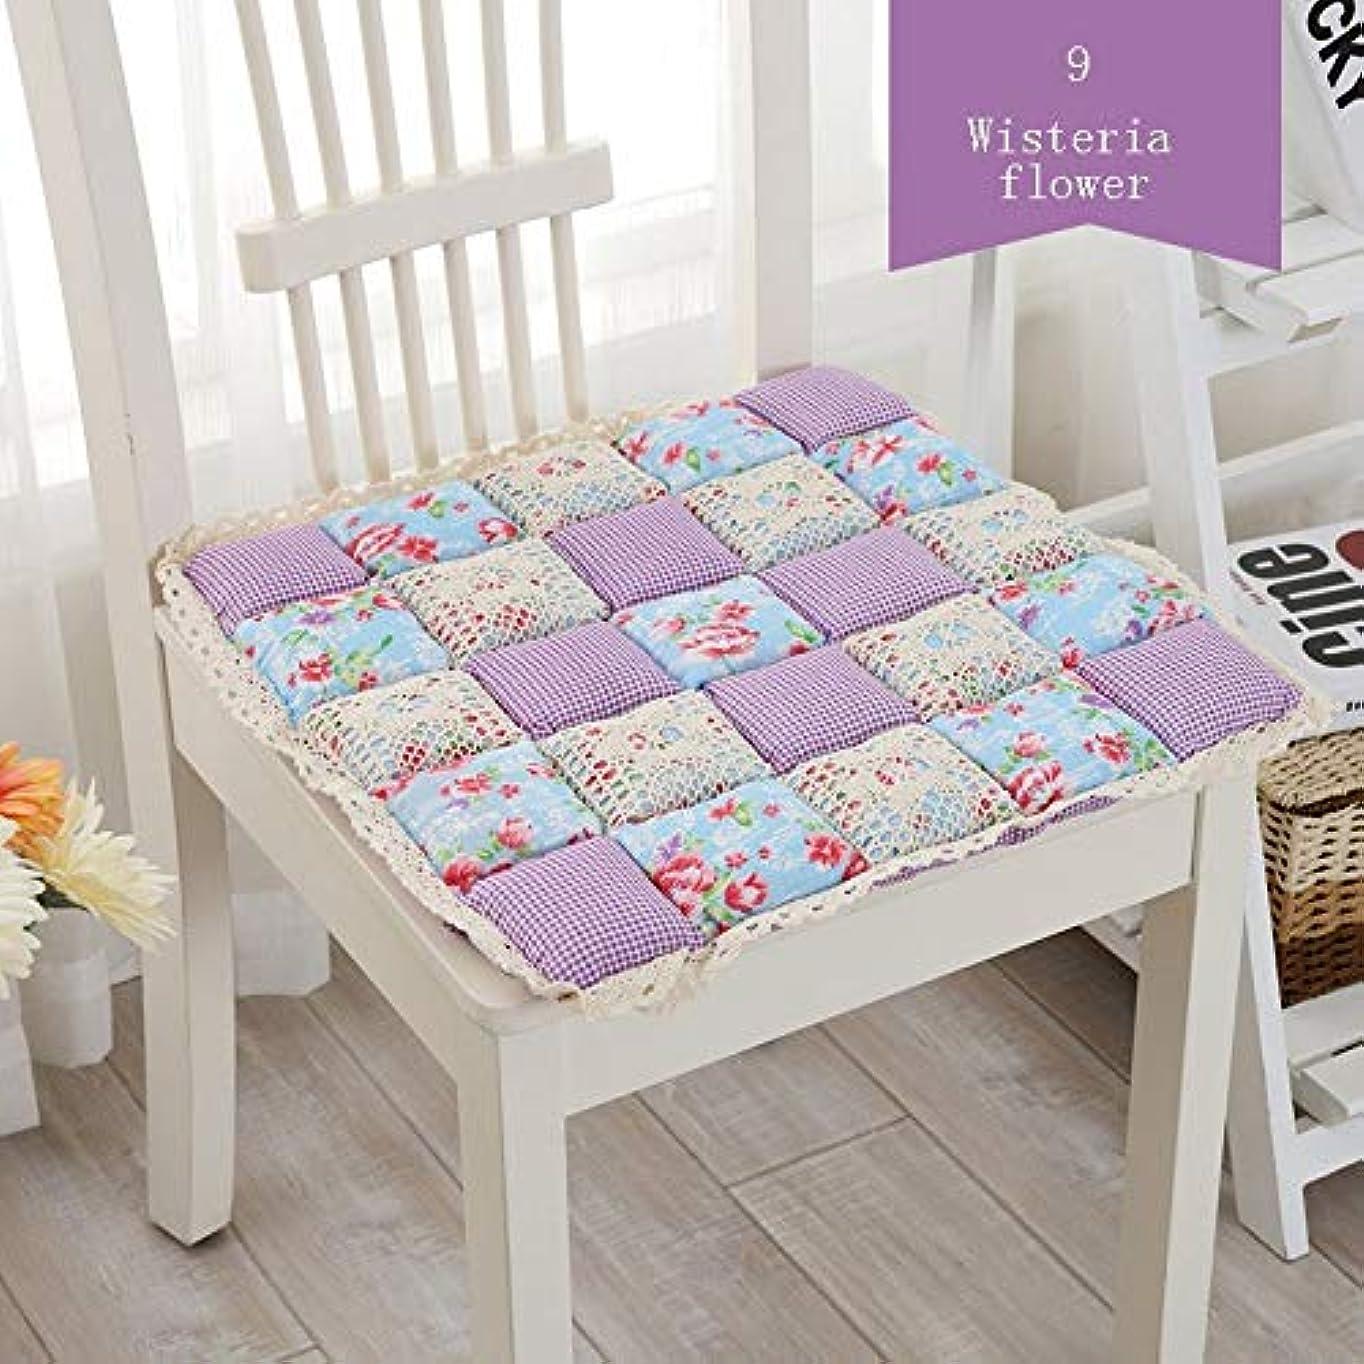 矛盾する最終芽LIFE 1 個抗褥瘡綿椅子クッション 24 色ファッションオフィス正方形クッション学生チェアクッション家の装飾厚み クッション 椅子